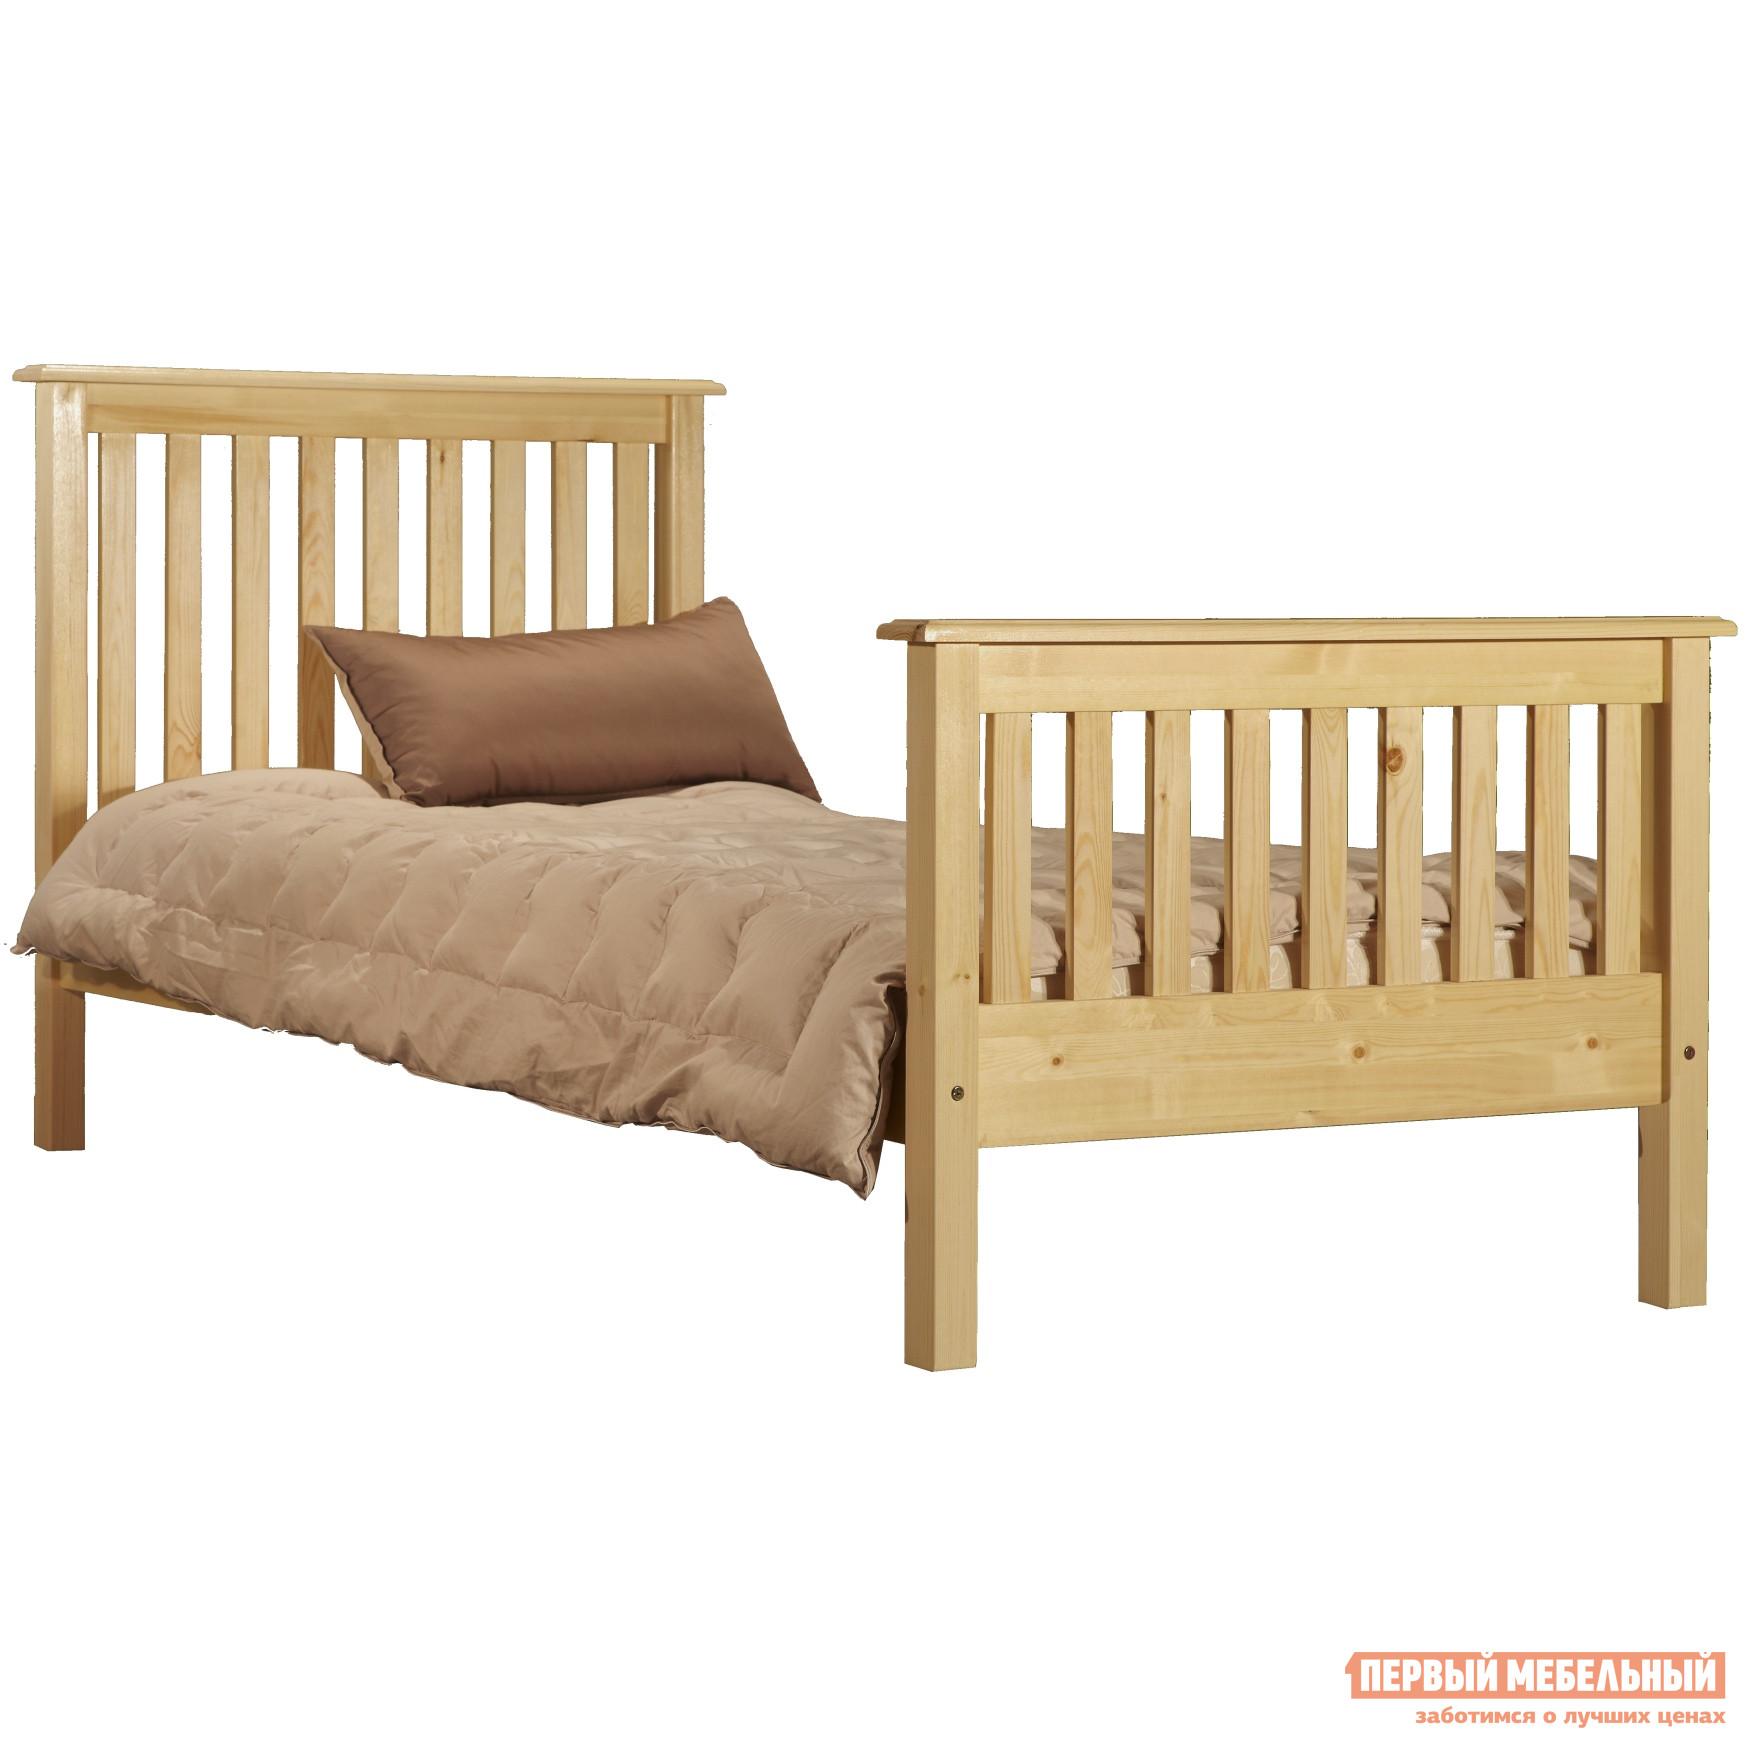 купить Кровать деревянная полуторная Timberica Рина (R2) по цене 11180 рублей